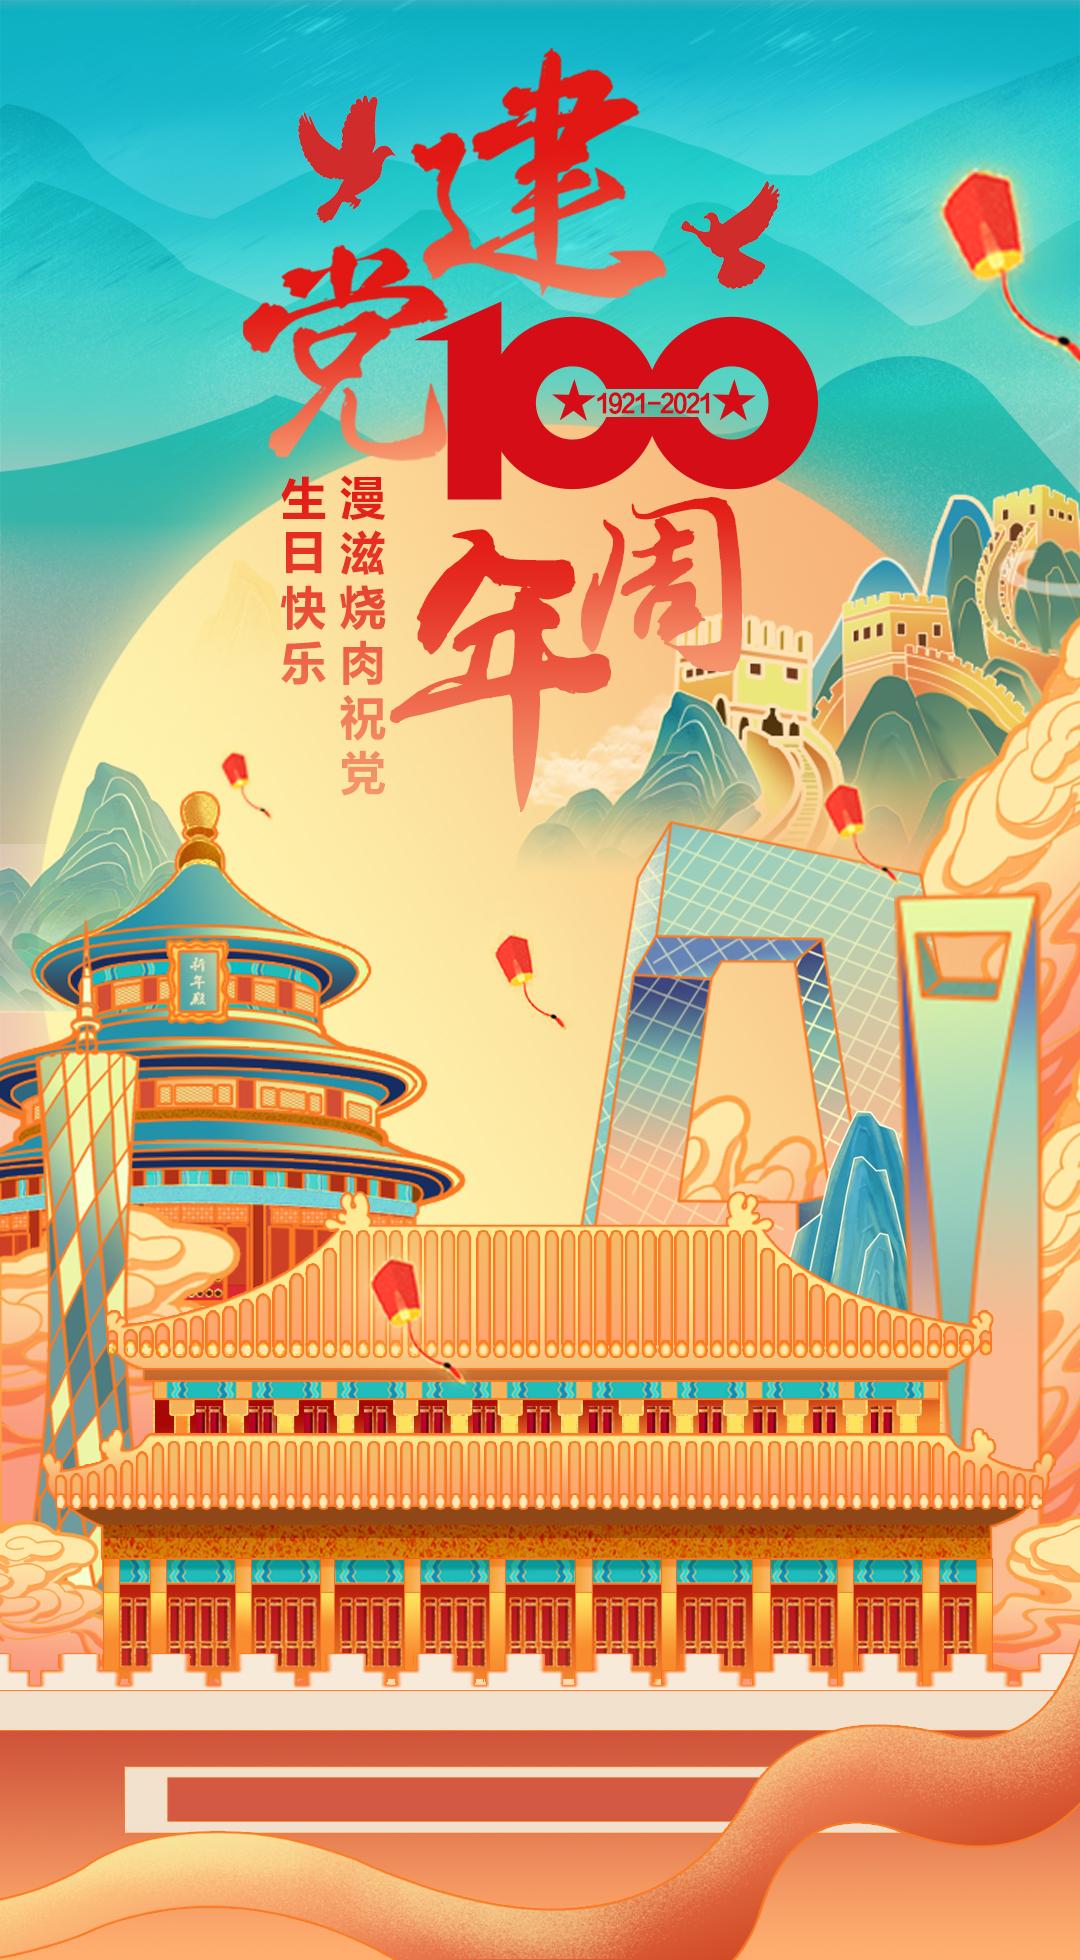 漫滋,漫滋烧肉,漫滋烧肉居酒屋,日料加盟,日式烤肉加盟,中国共产党成立100周年